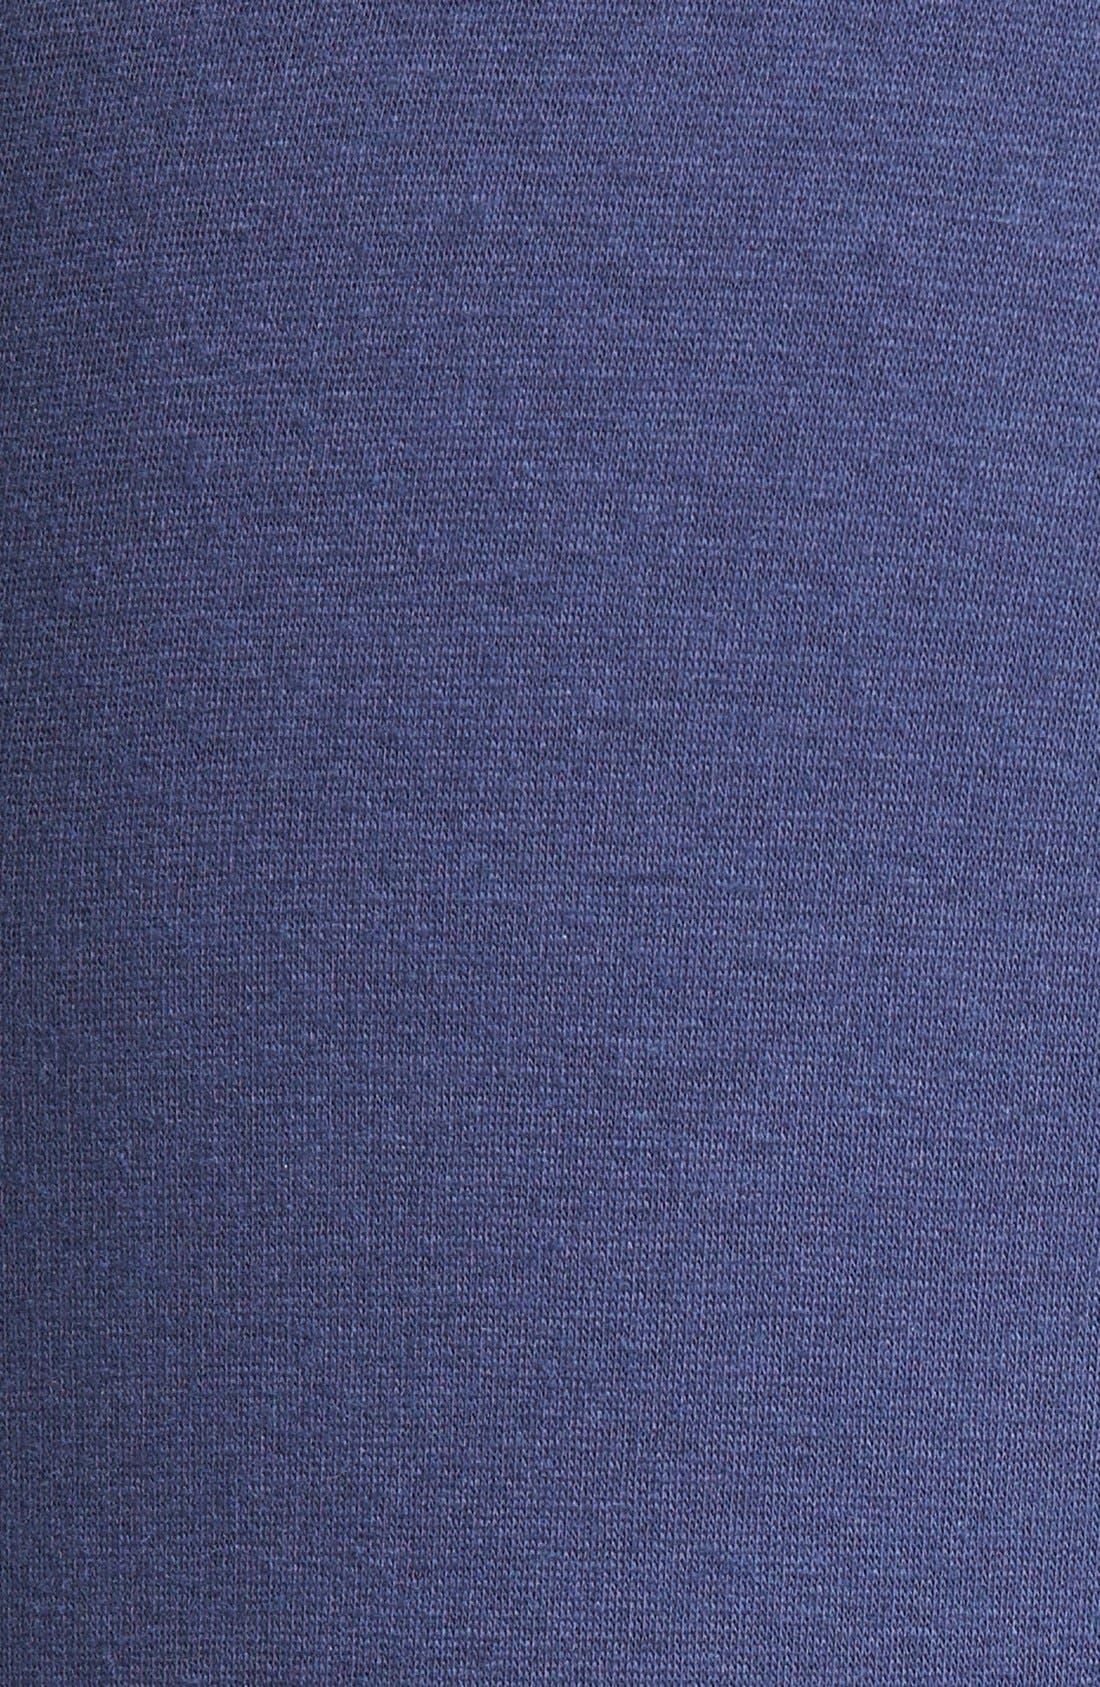 'Collins' Double Knit Pants,                             Alternate thumbnail 16, color,